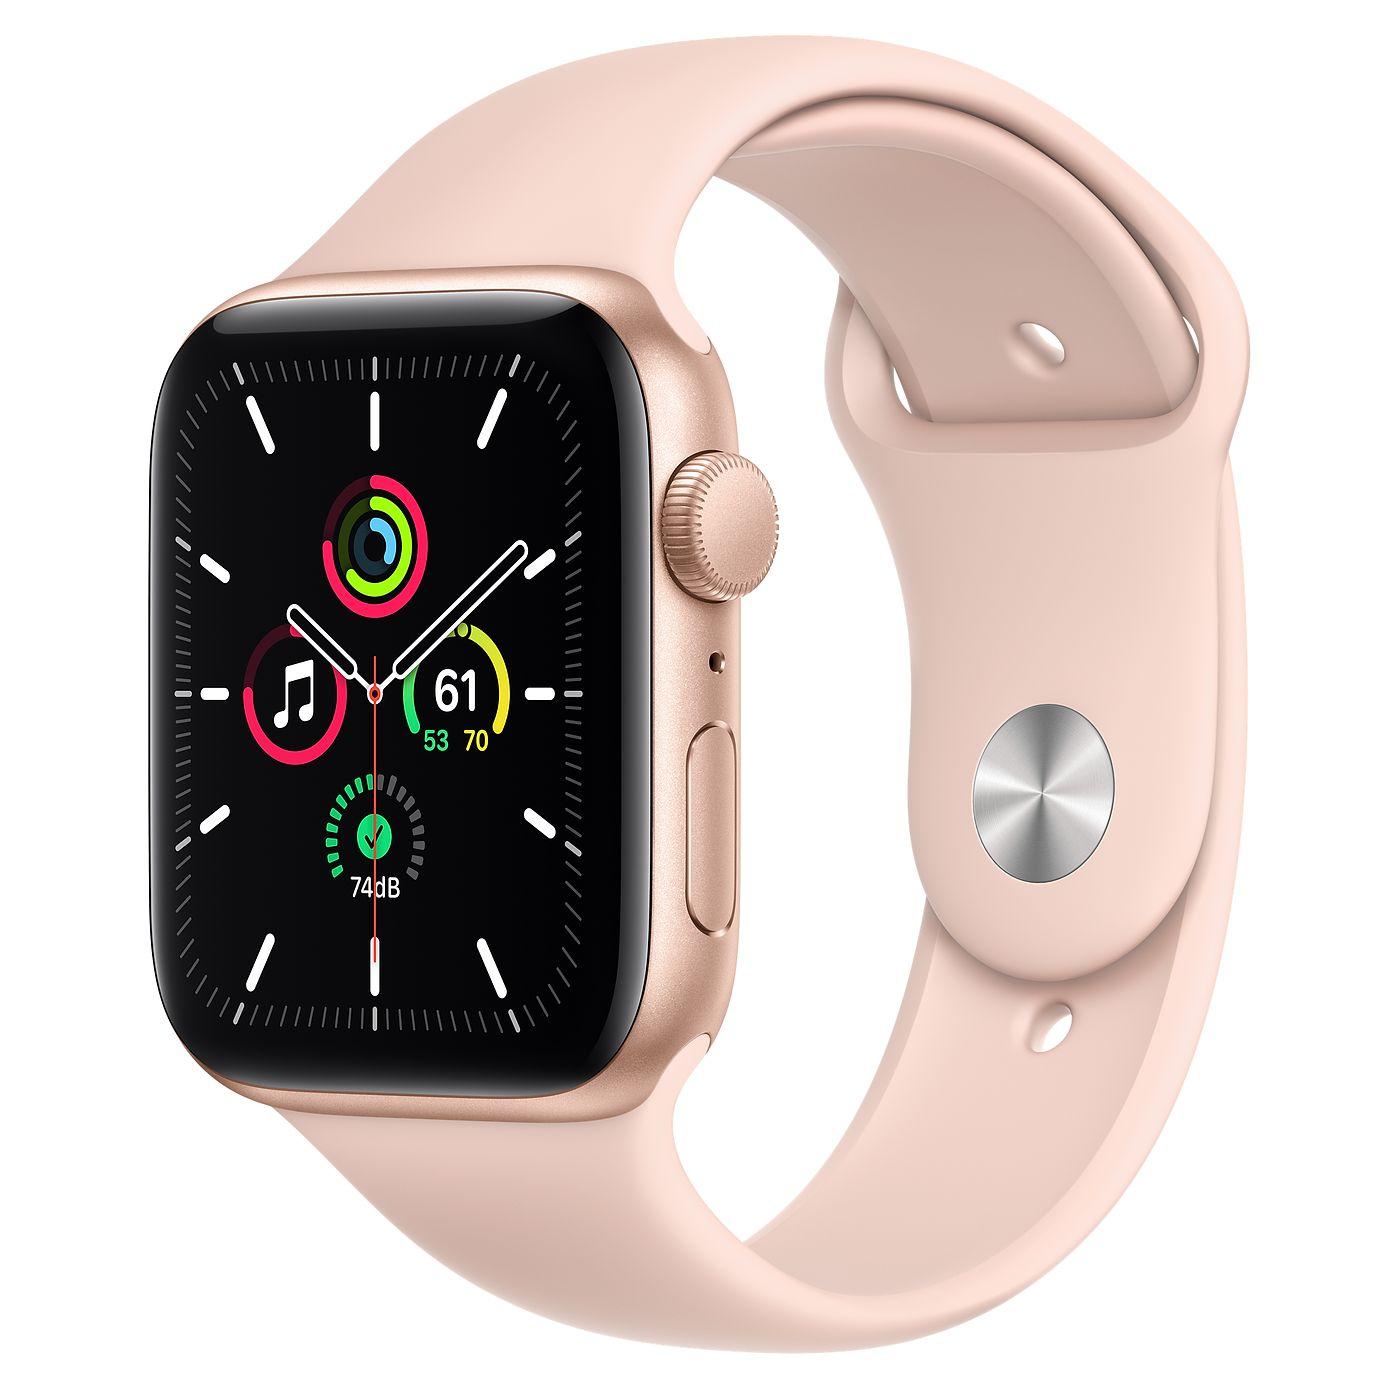 Apple 2020년 애플워치 SE, GPS, 골드 알루미늄 케이스, 핑크 샌드 스포츠 밴드